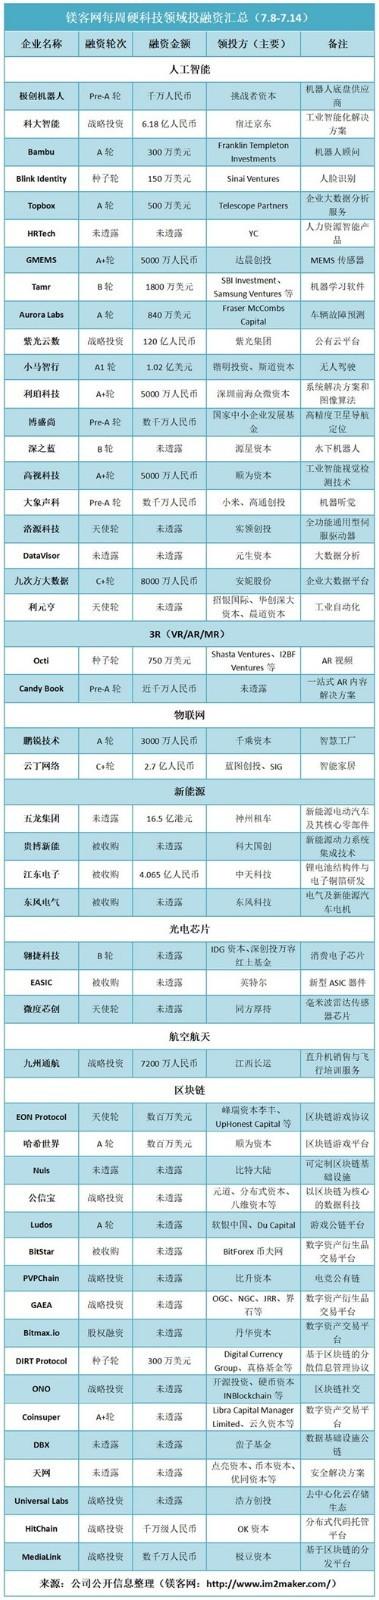 硬科技领域投融资汇总(7.8-7.14) 小马智行或成国内无人车首家独角兽